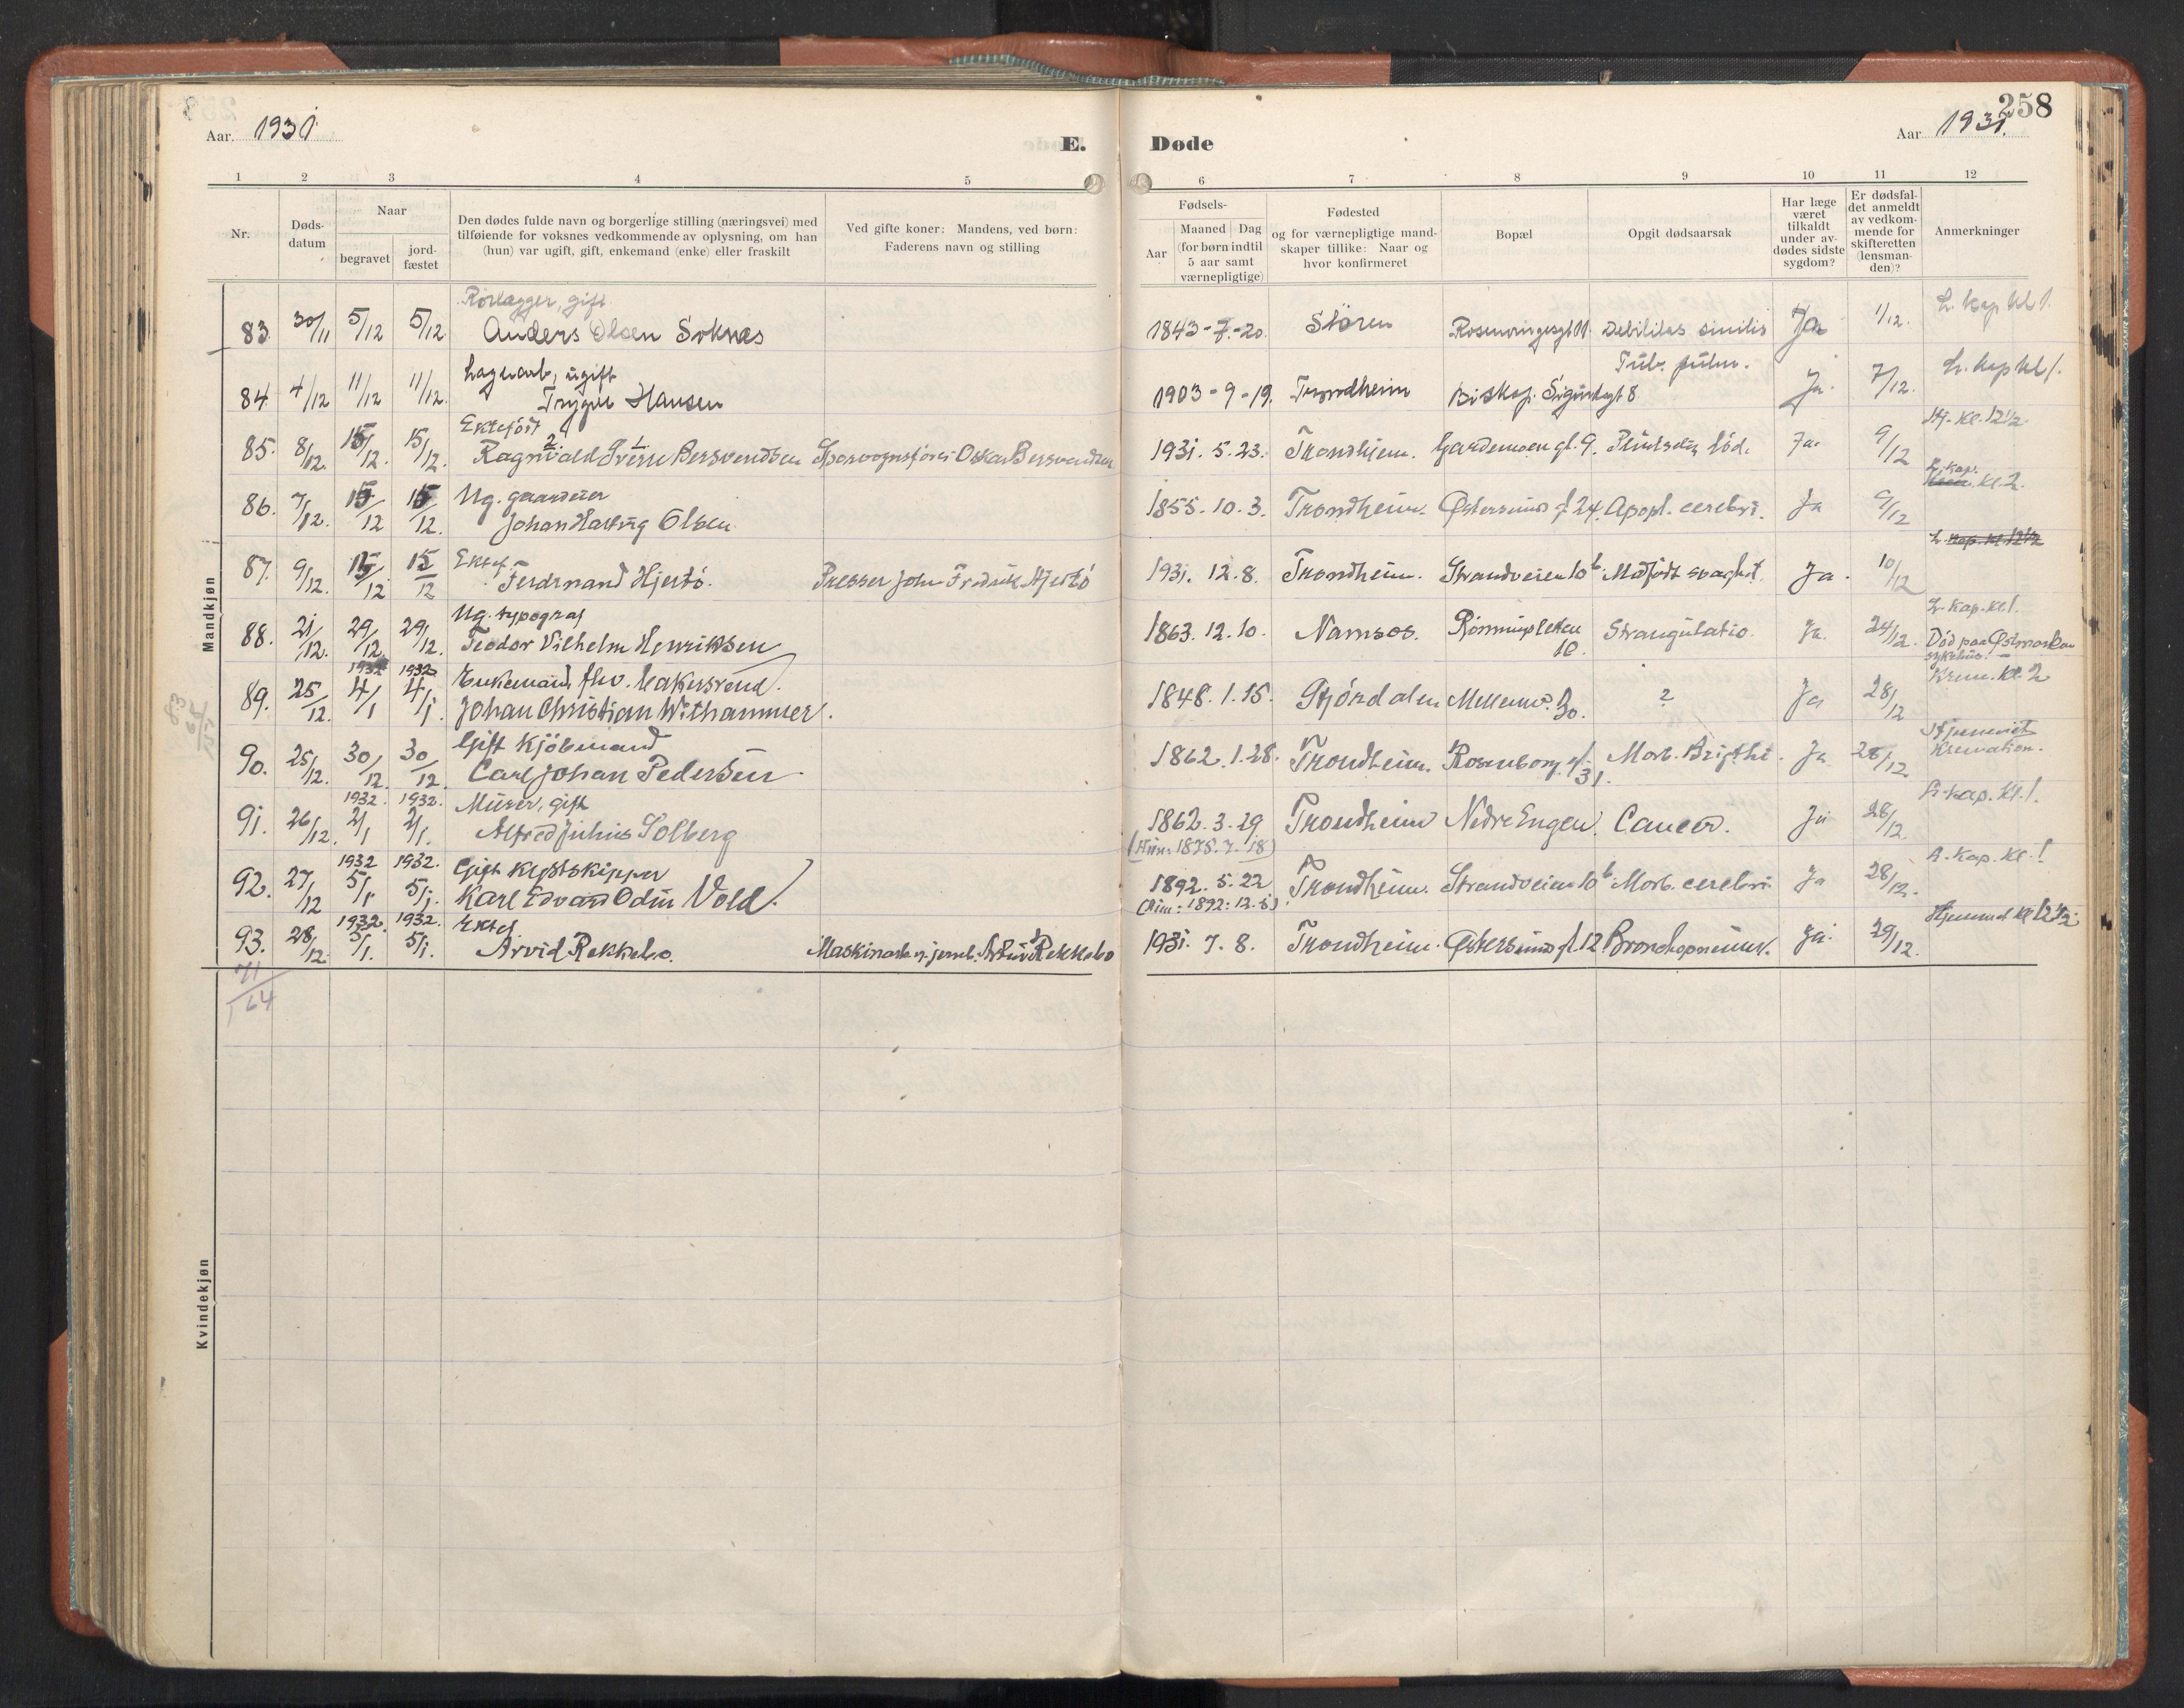 SAT, Ministerialprotokoller, klokkerbøker og fødselsregistre - Sør-Trøndelag, 605/L0245: Ministerialbok nr. 605A07, 1916-1938, s. 258